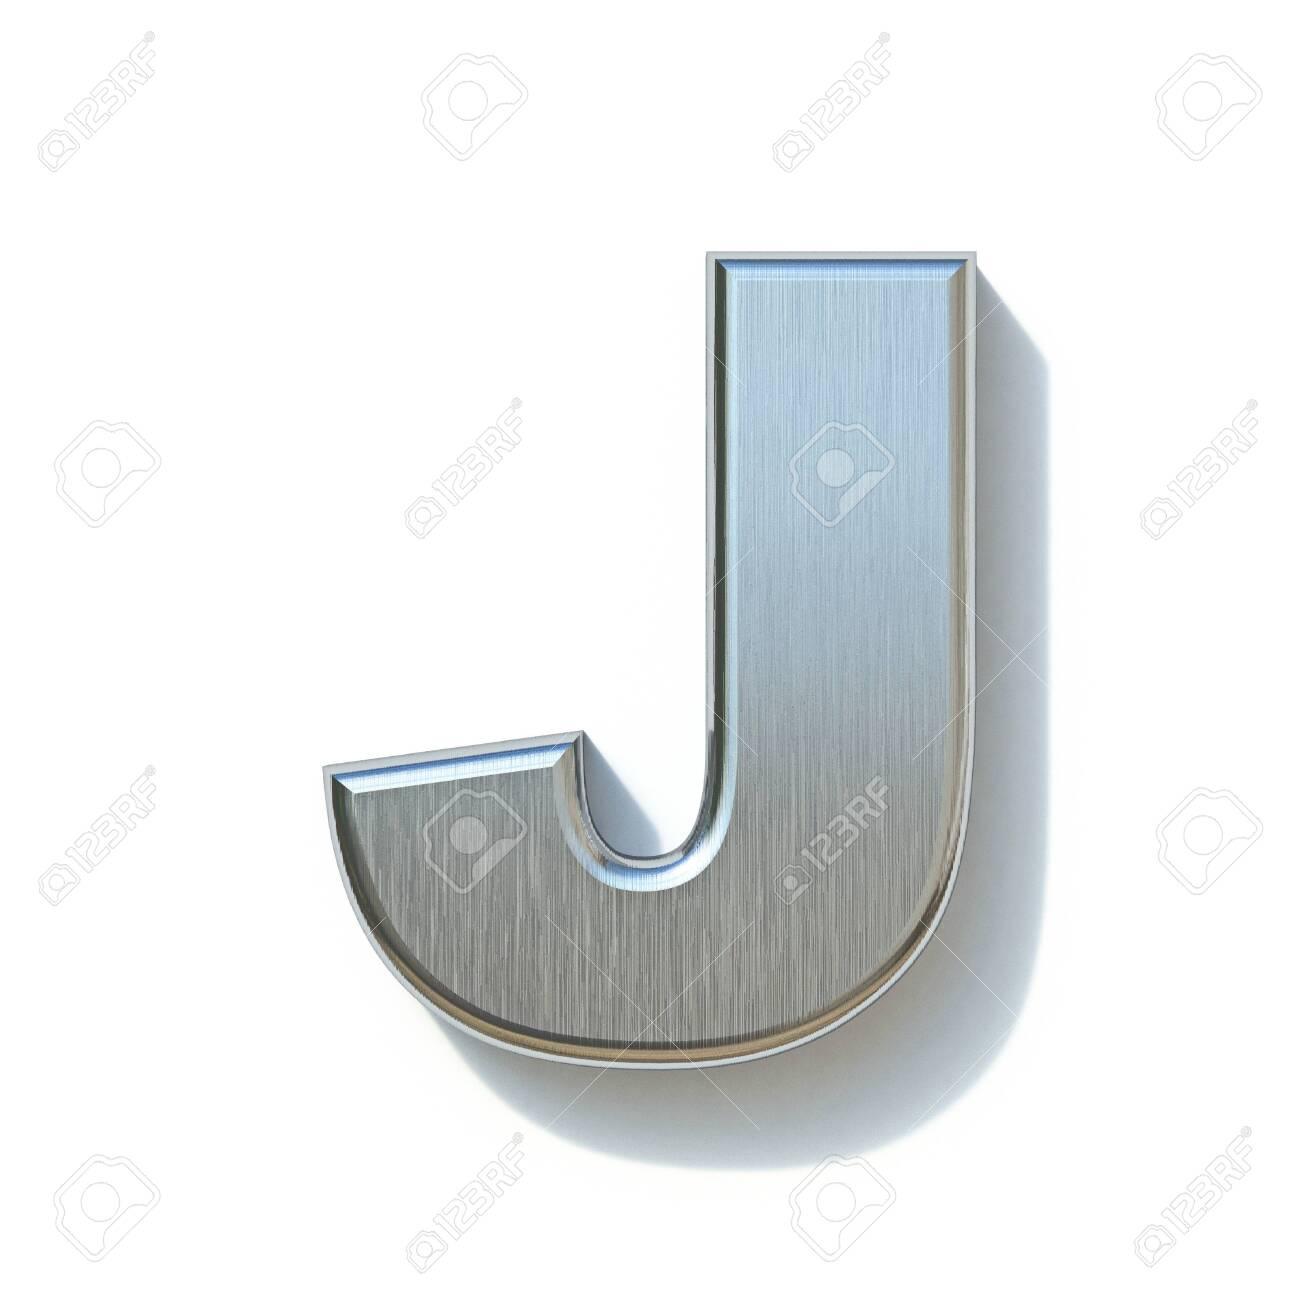 Brushed metal font Letter J 3D render illustration isolated on white background - 138004140